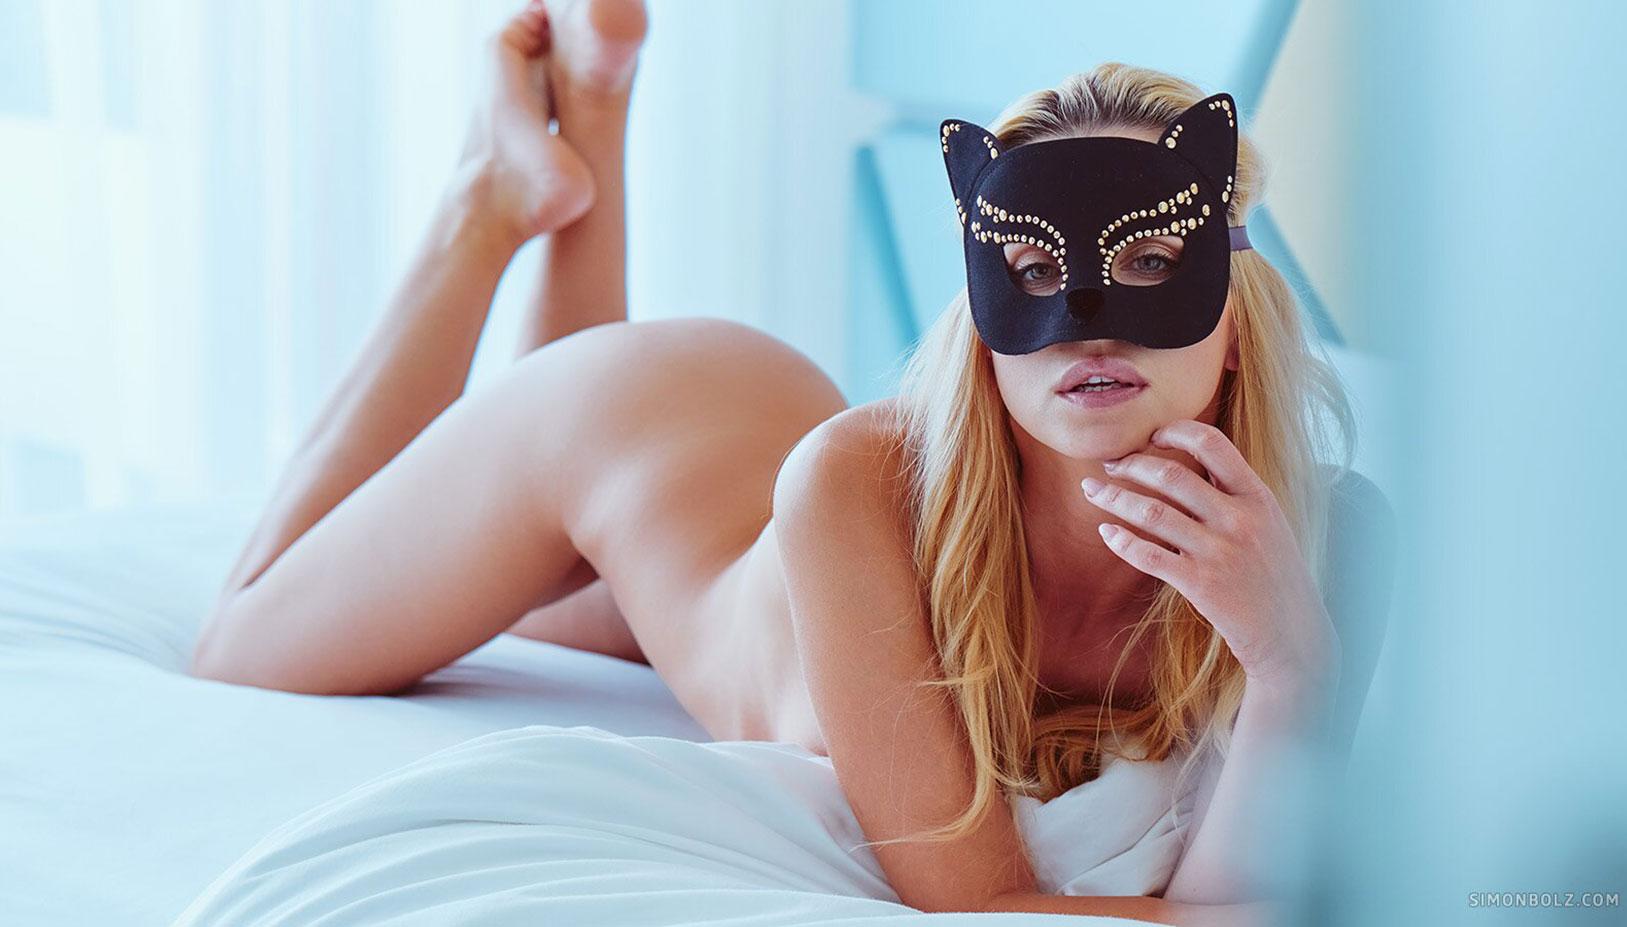 Доминика - эротическая модель из Чехии / фото 01